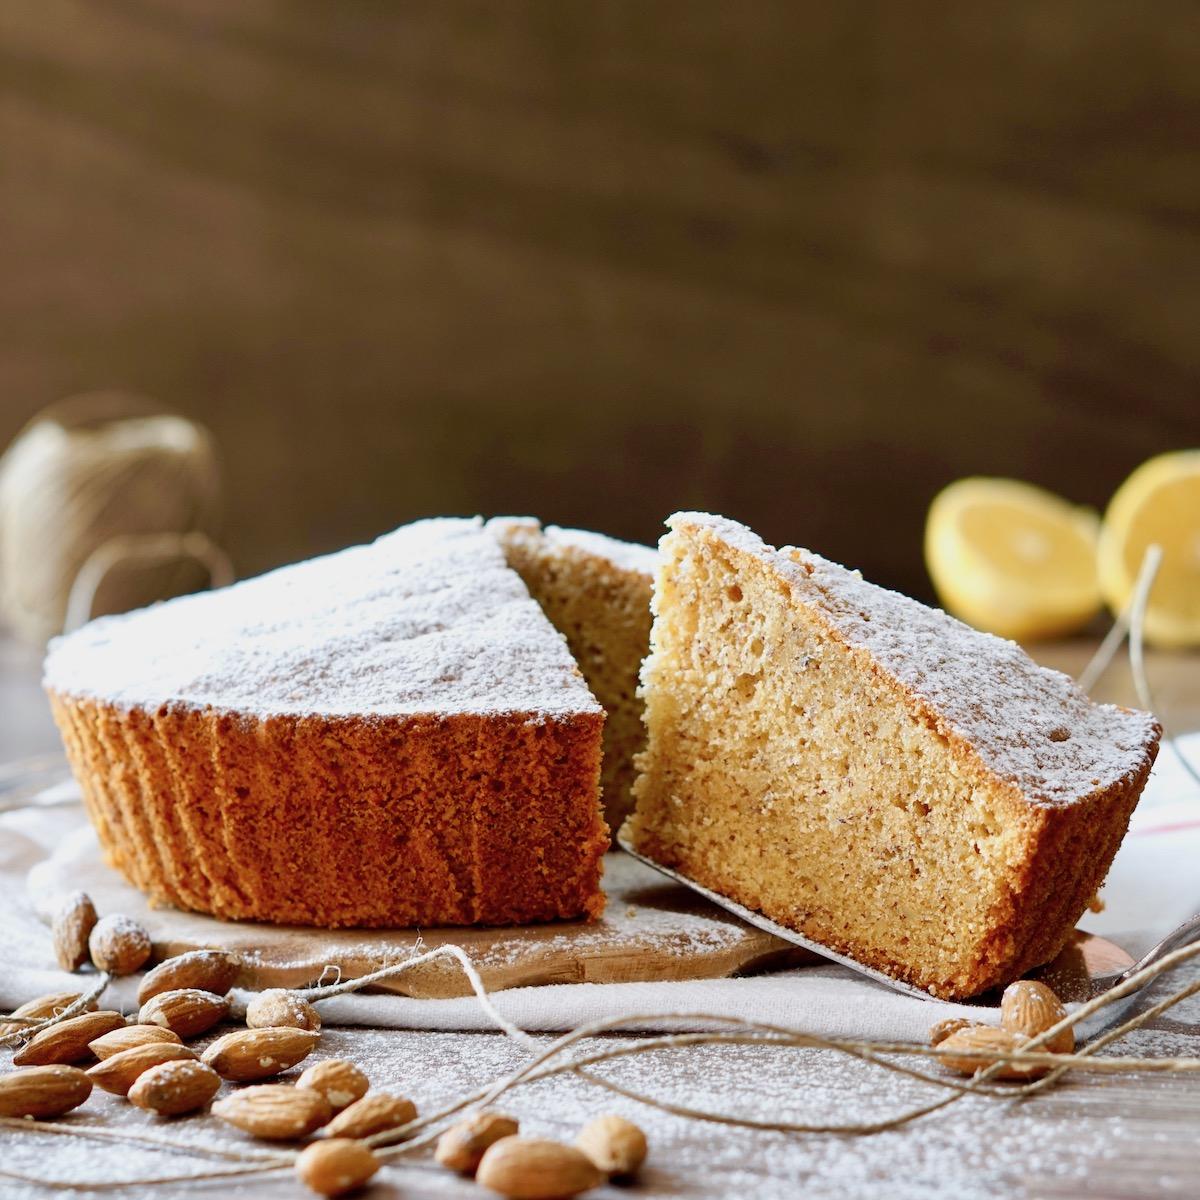 Torta di Mandorle, Limone e Zenzero